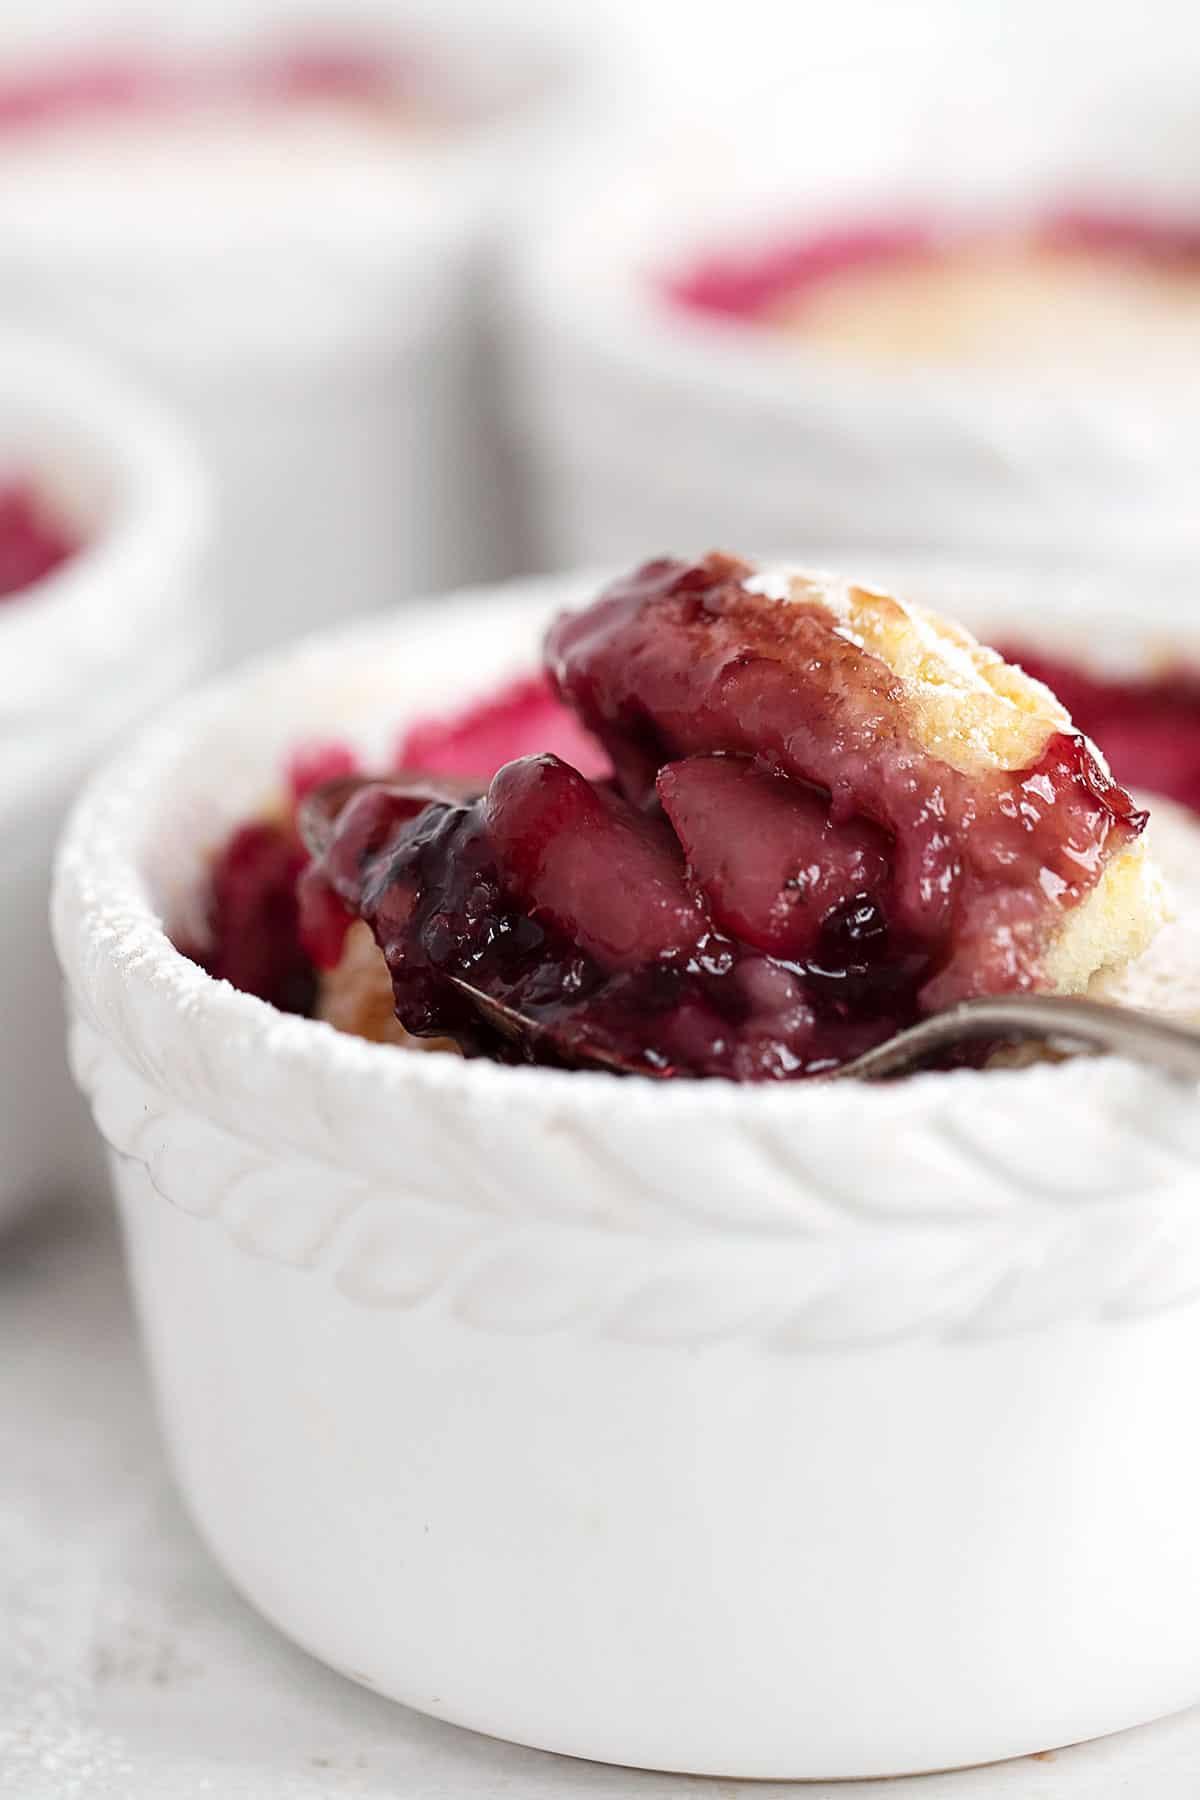 blackberry cobbler in ramekin with spoon